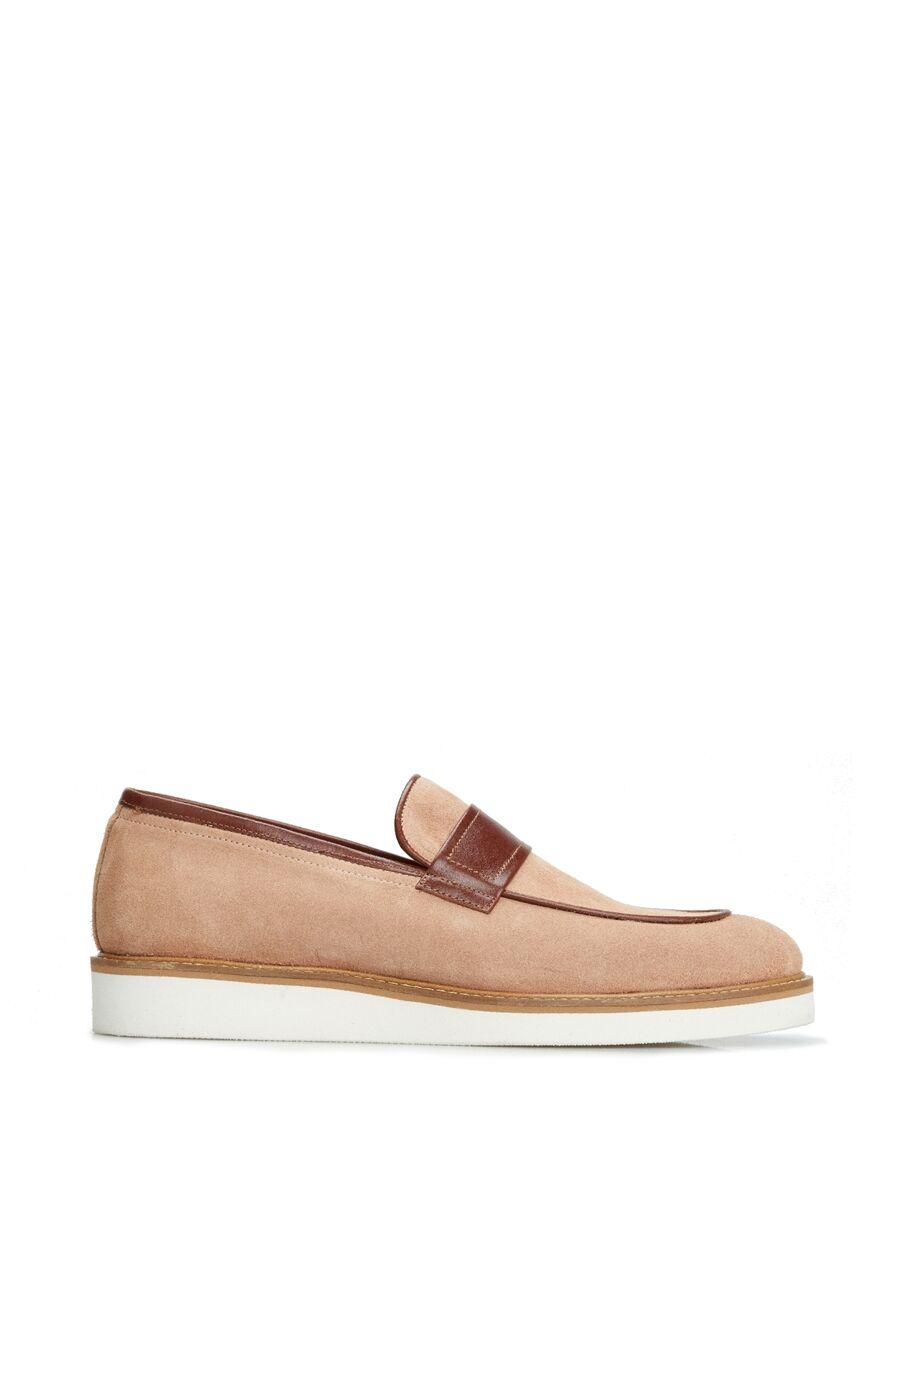 Erkek Bej Bantlı Ayakkabı